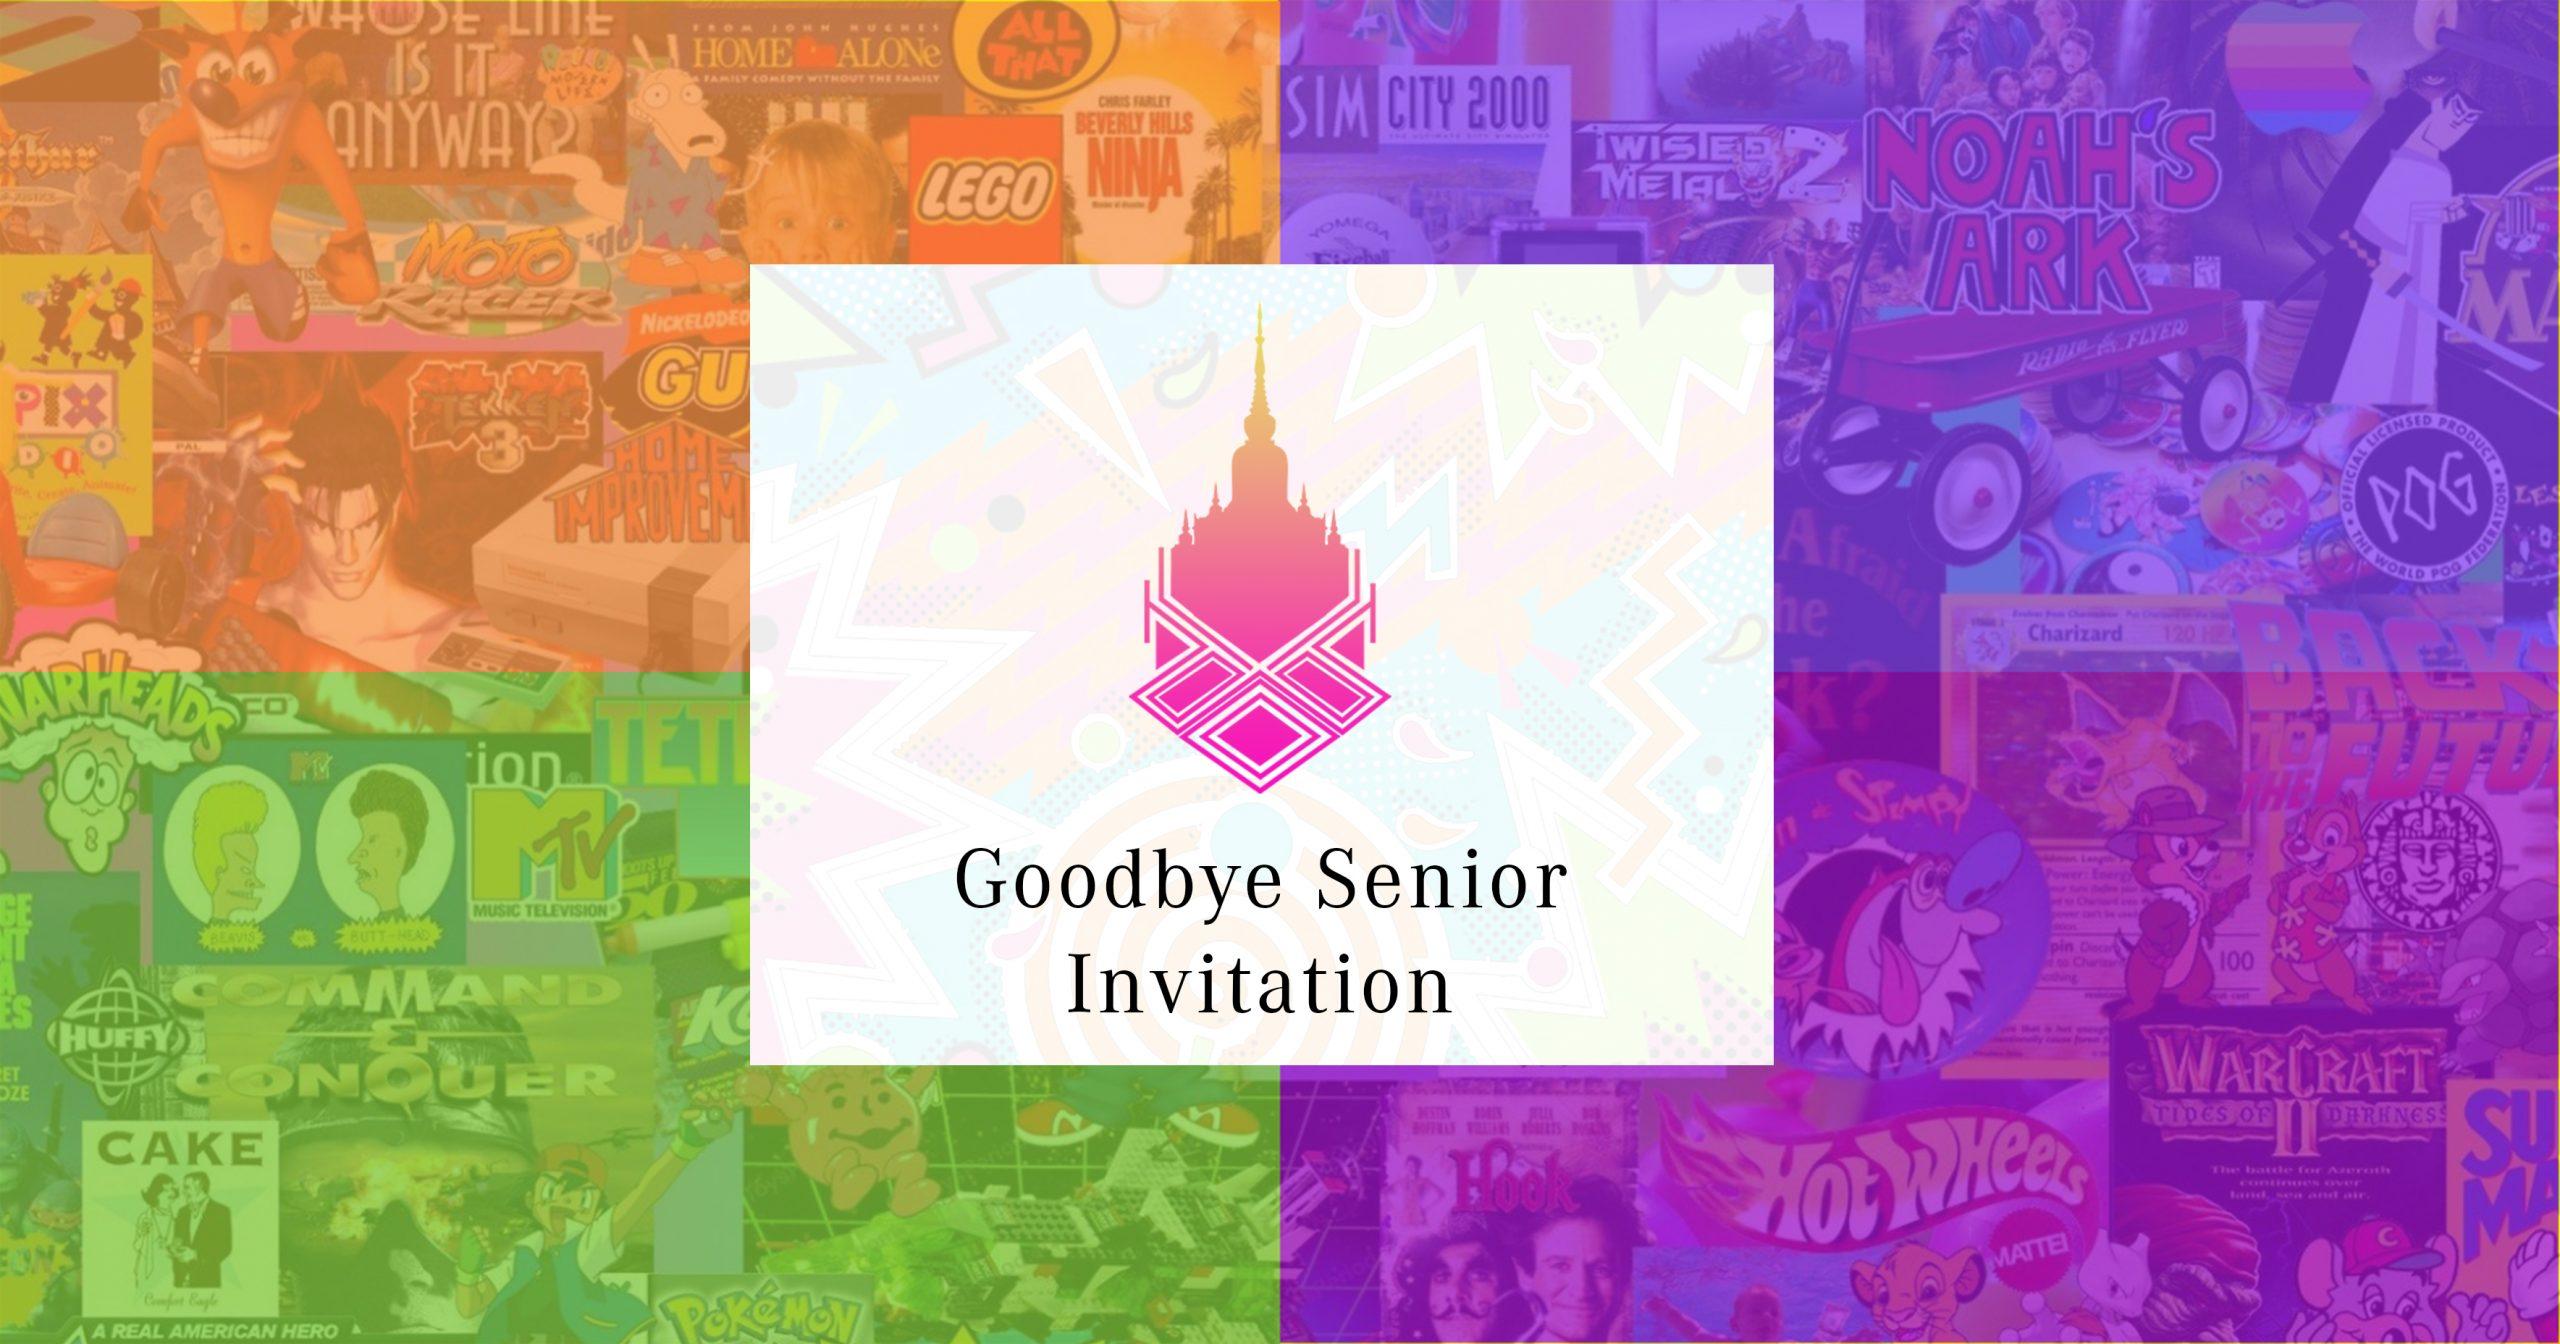 Goodbye Senior 90's Party 2020 : Invitation